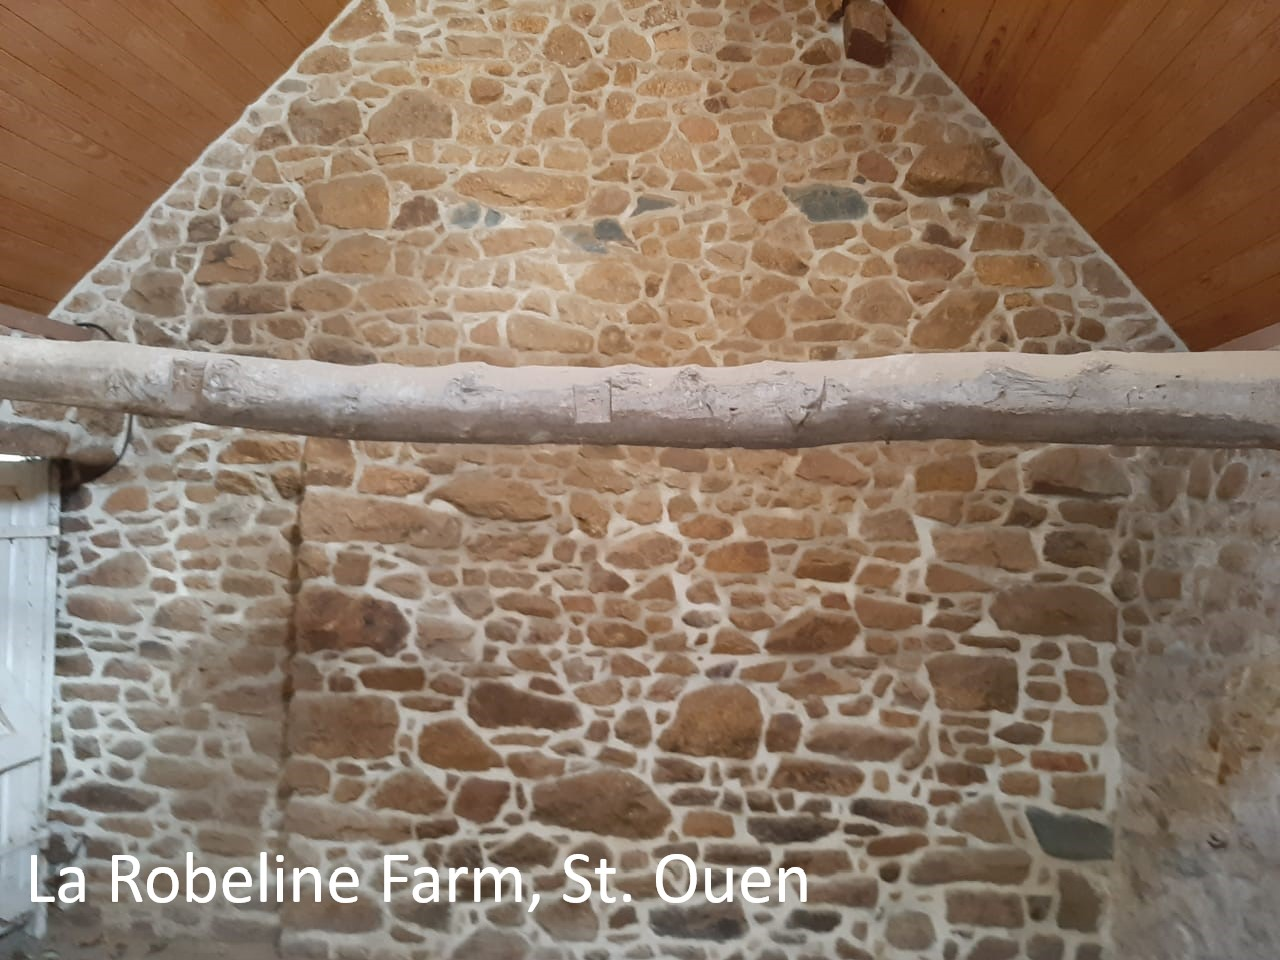 La Robeline Farm, St. Ouen